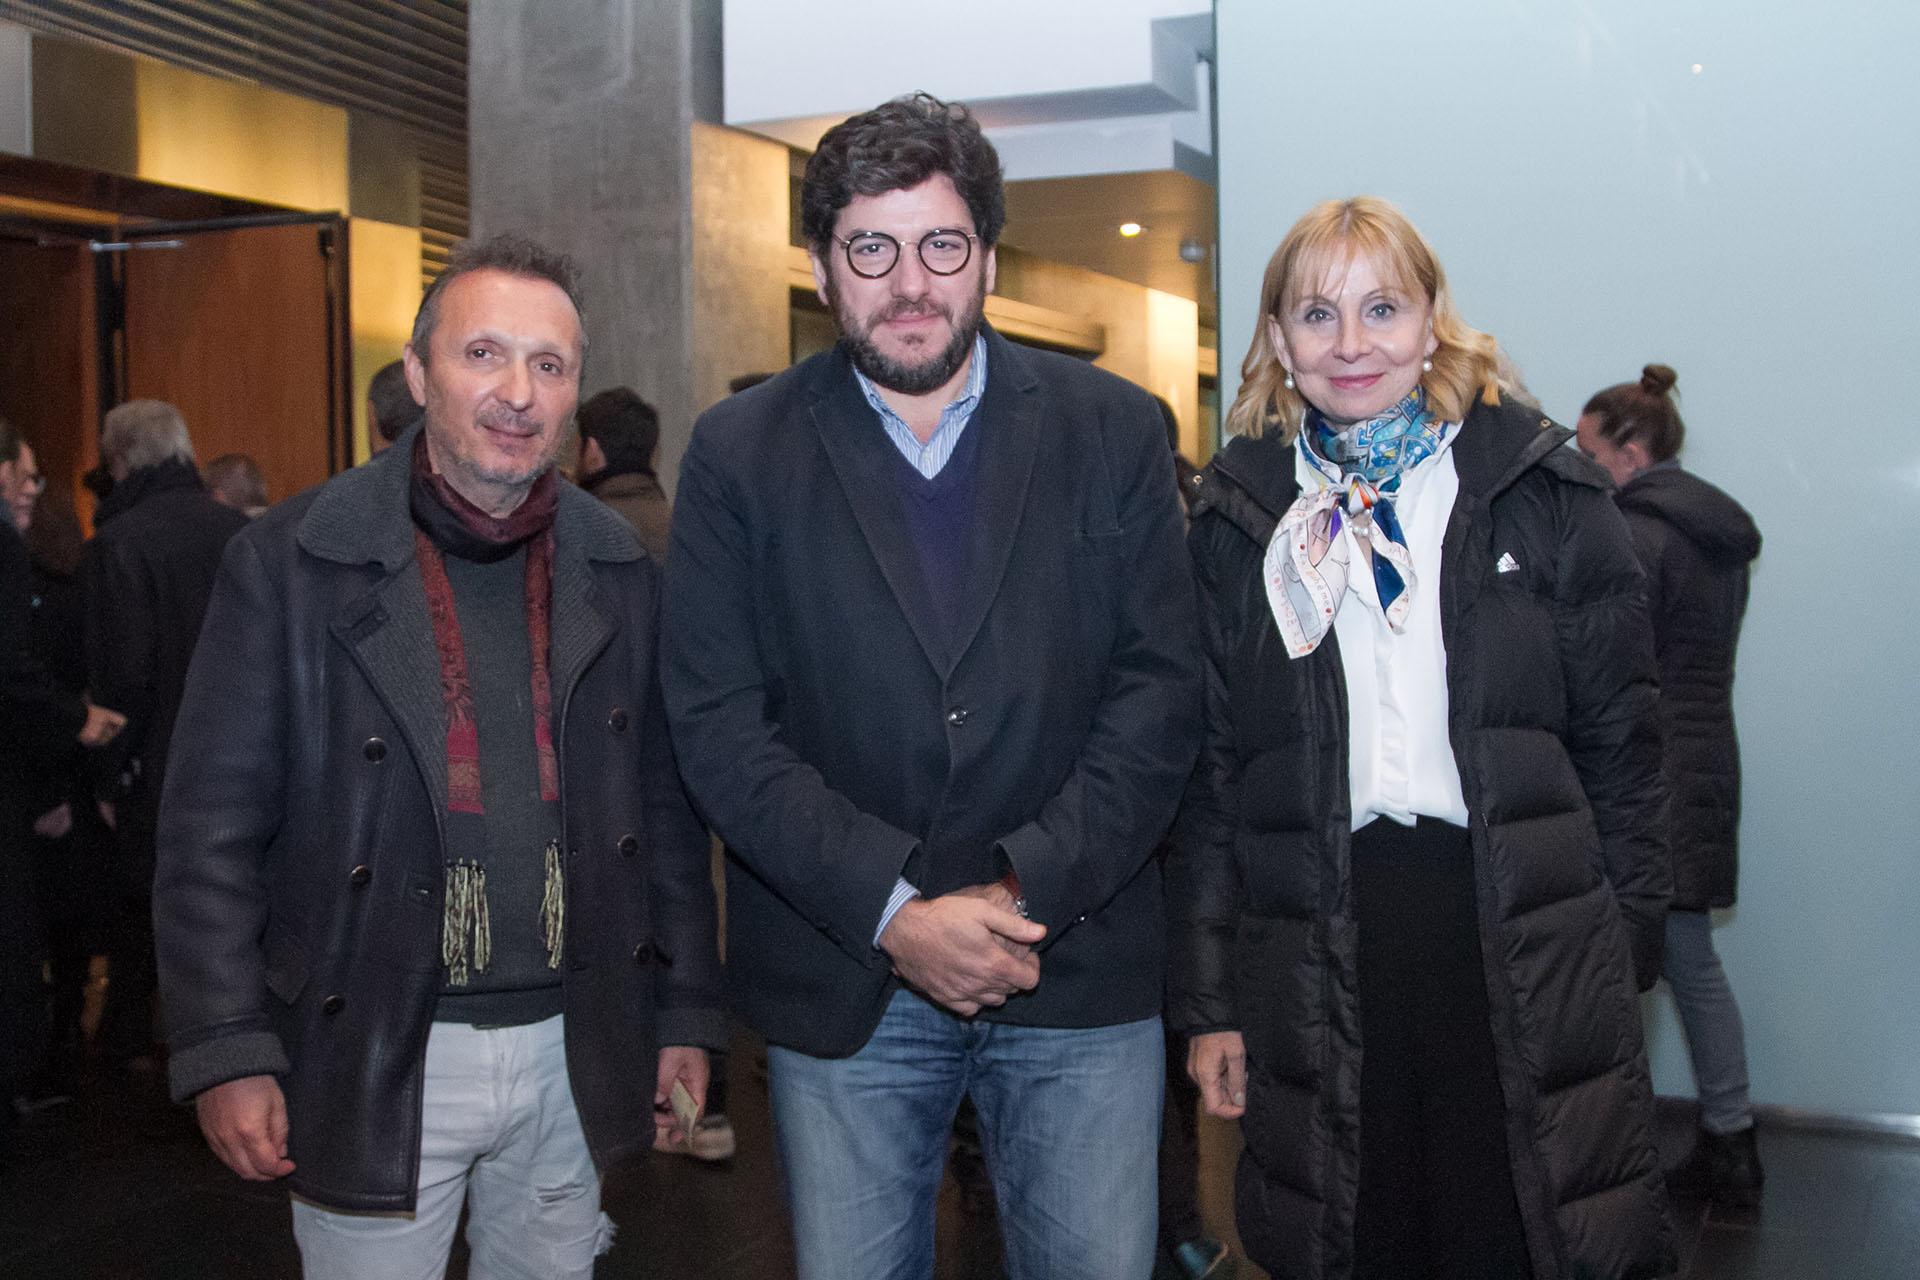 El galerista Daniel Maman junto al ministro de Cultura, Pablo Avelluto y la directora del Teatro Colón, María Victoria Alcaraz